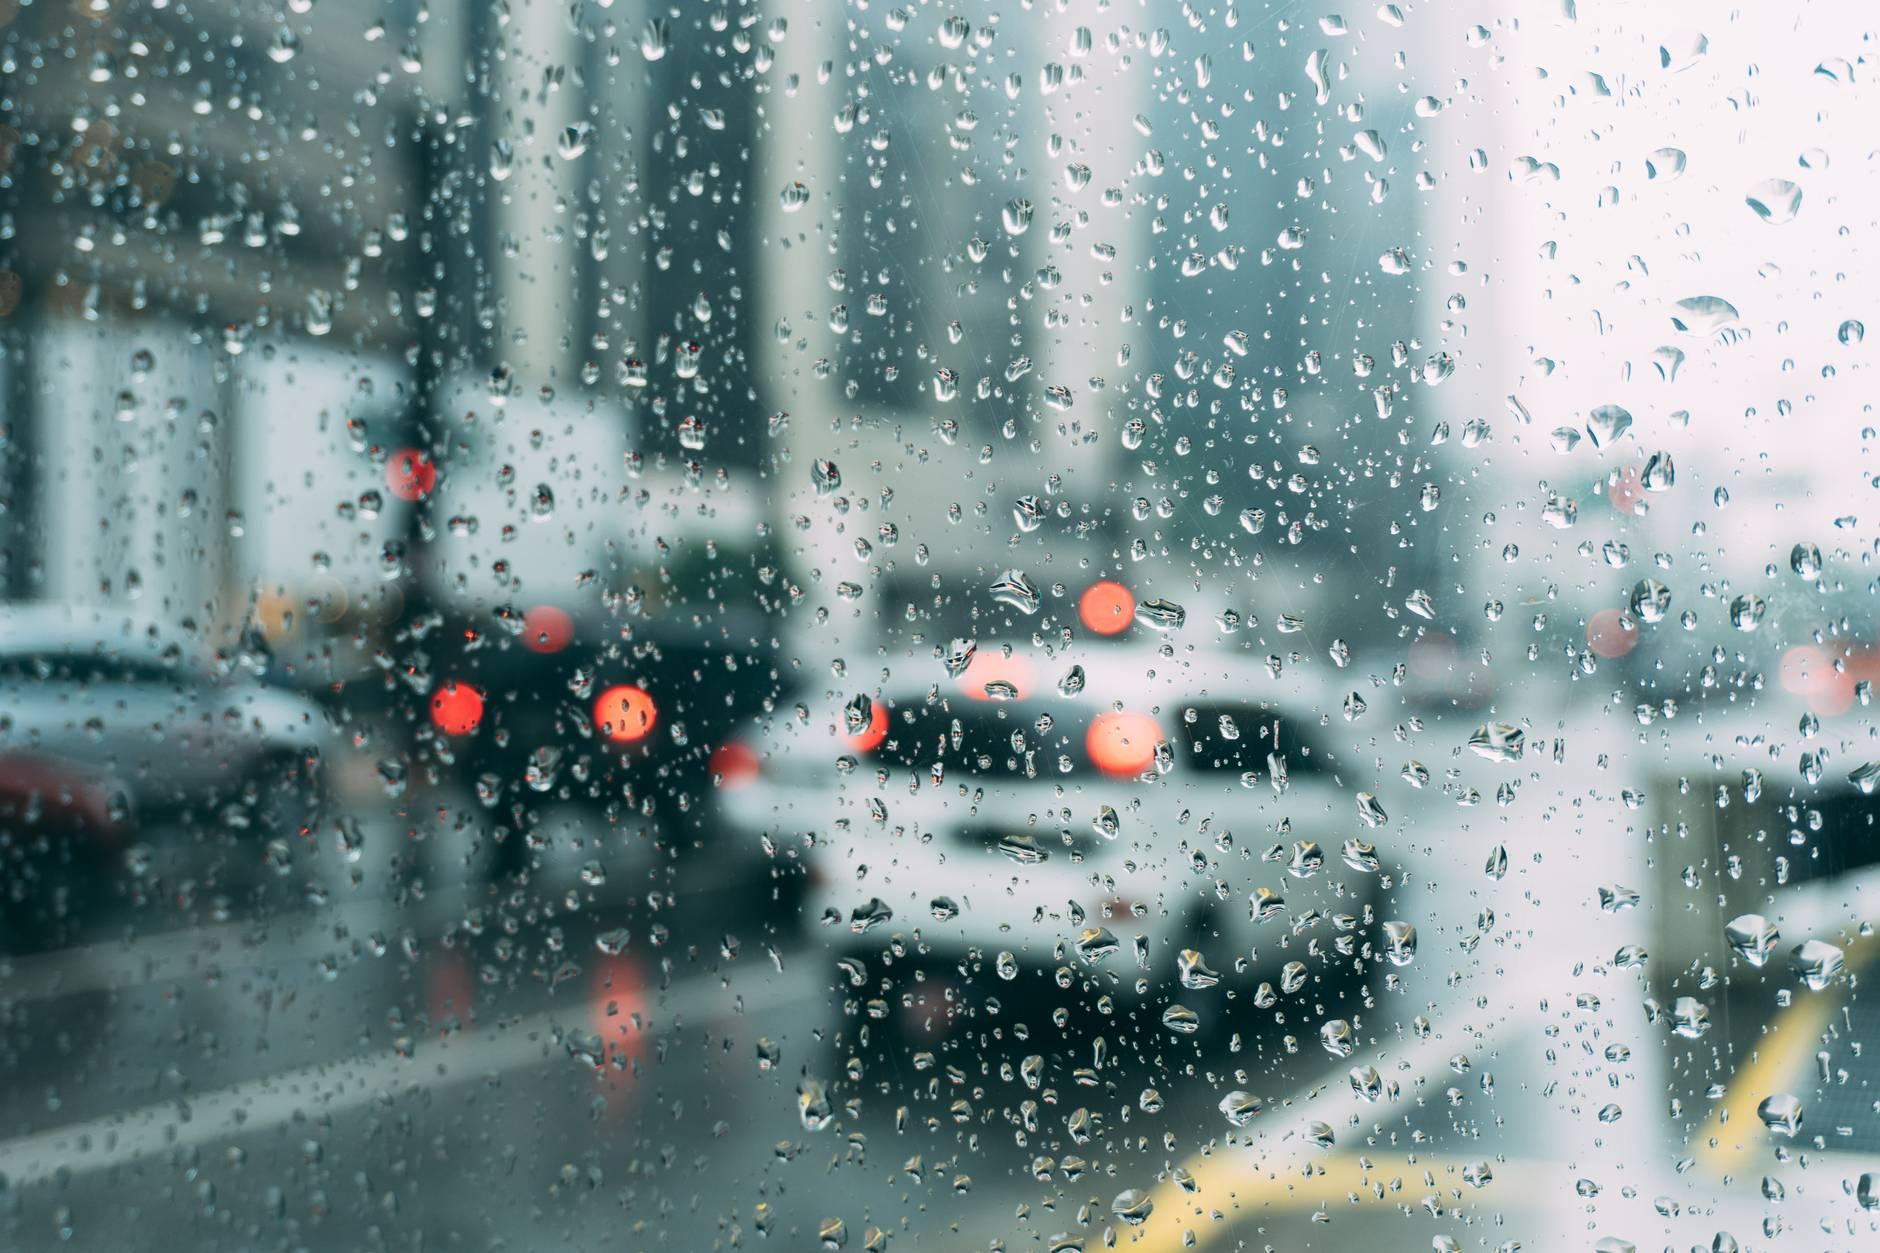 Vorsicht, Hochspannung: Wichtige Tipps unterwegs bei Gewitter